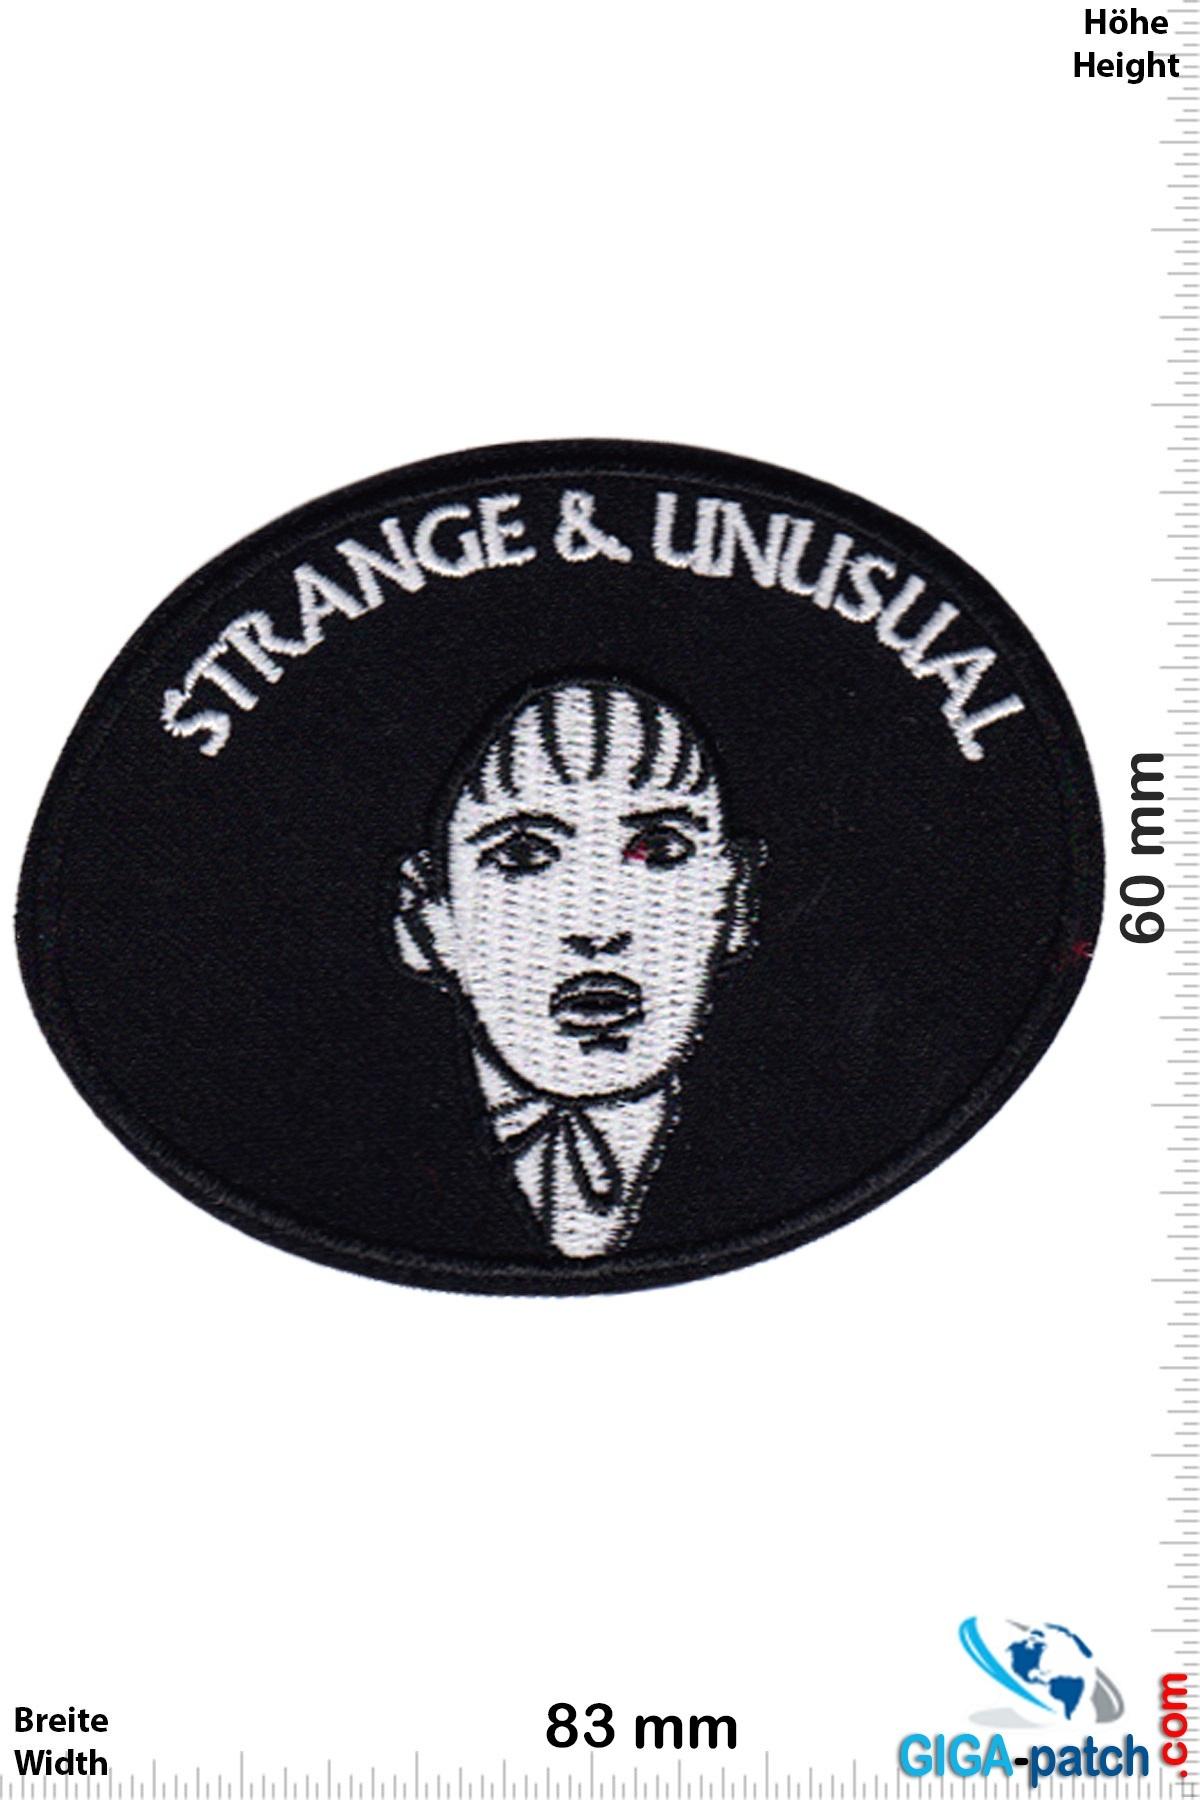 Fun Strange & Unusual - Seltsam & Ungewöhnlich